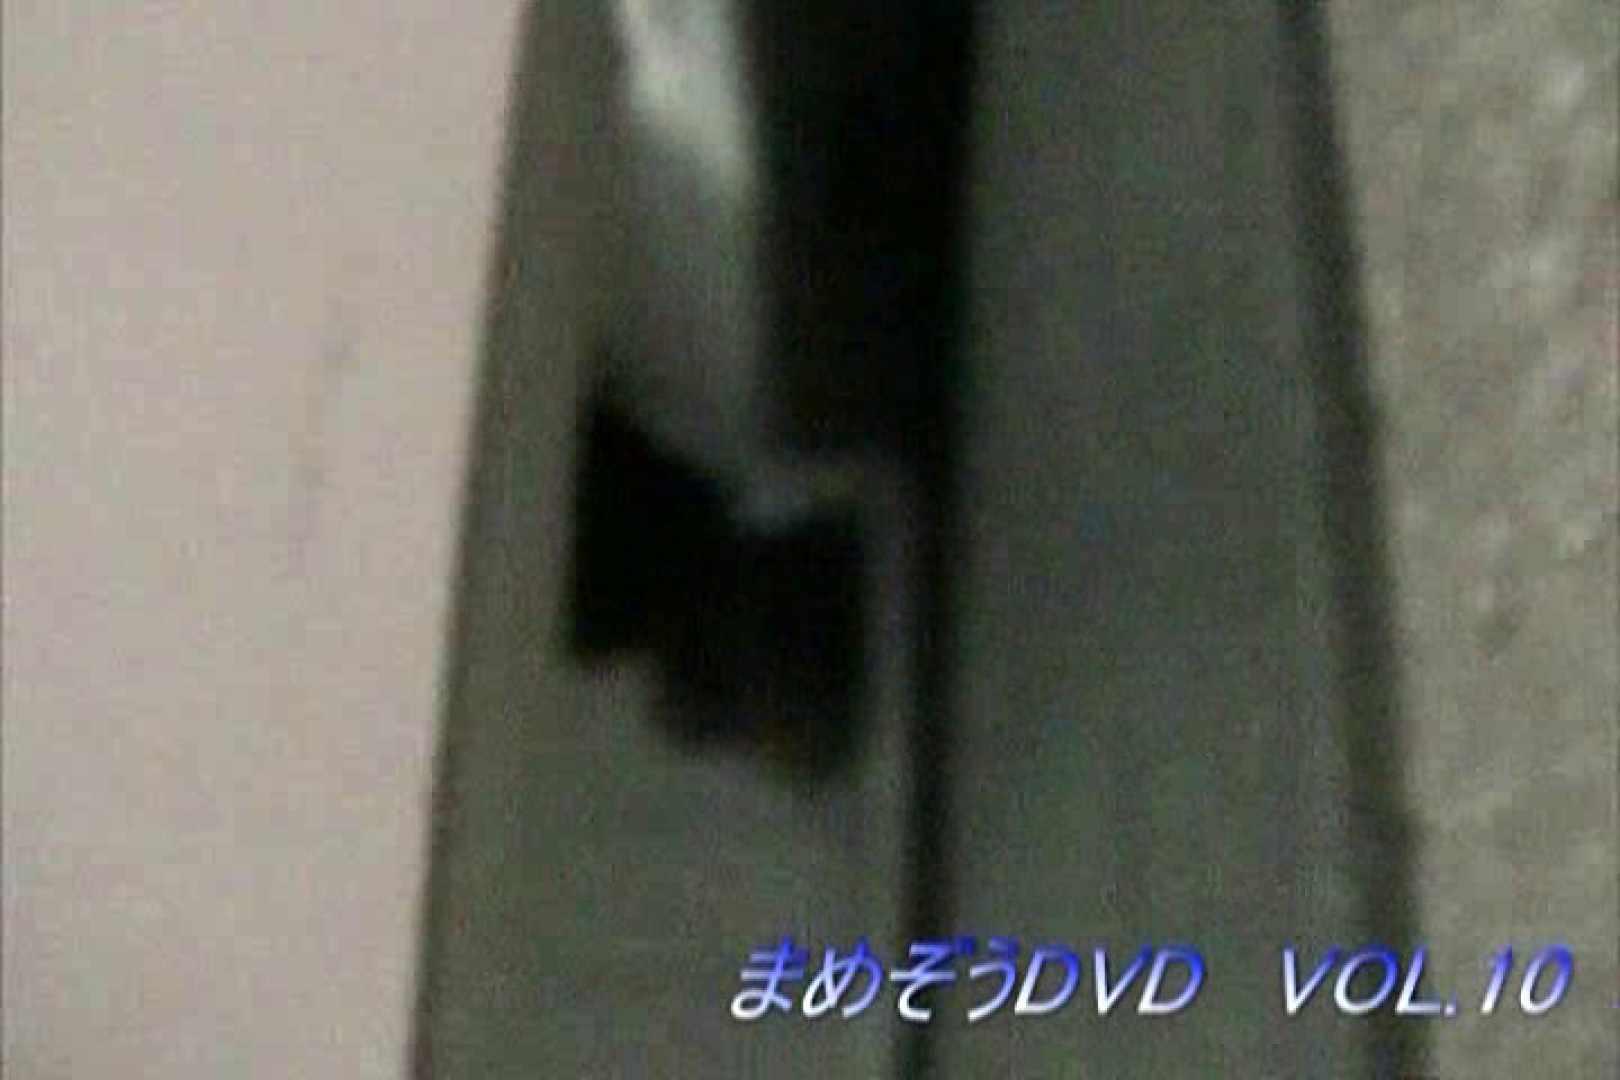 まめぞうDVD完全版VOL.10 ギャル  54PIX 31